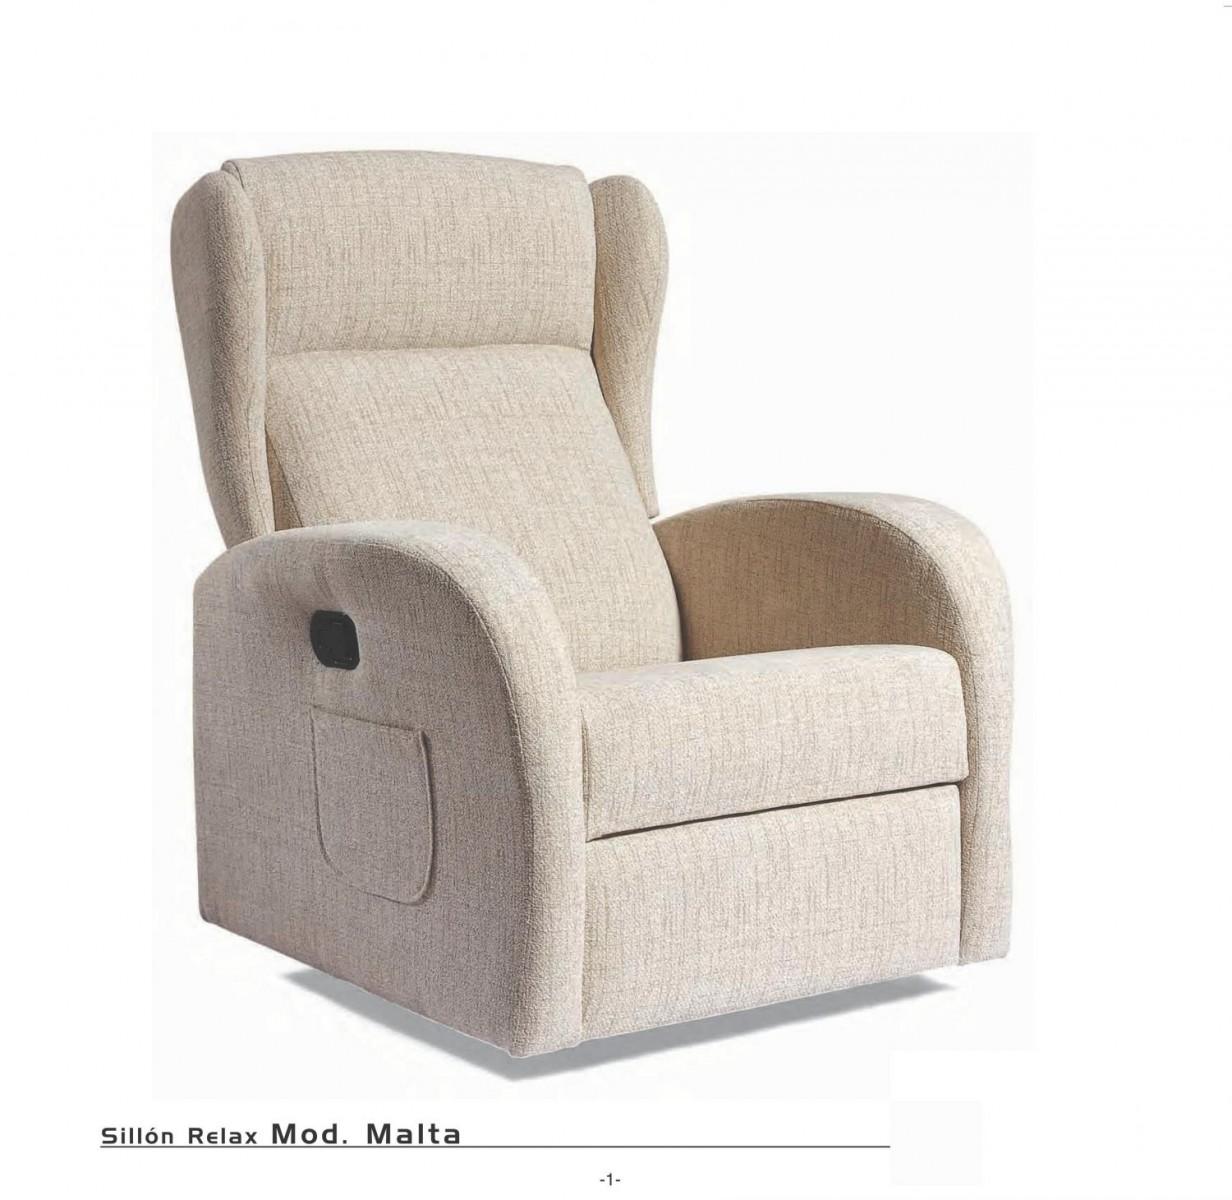 Sillon relax moderno 46 malta sofas sillones gran - Sillon relax moderno ...